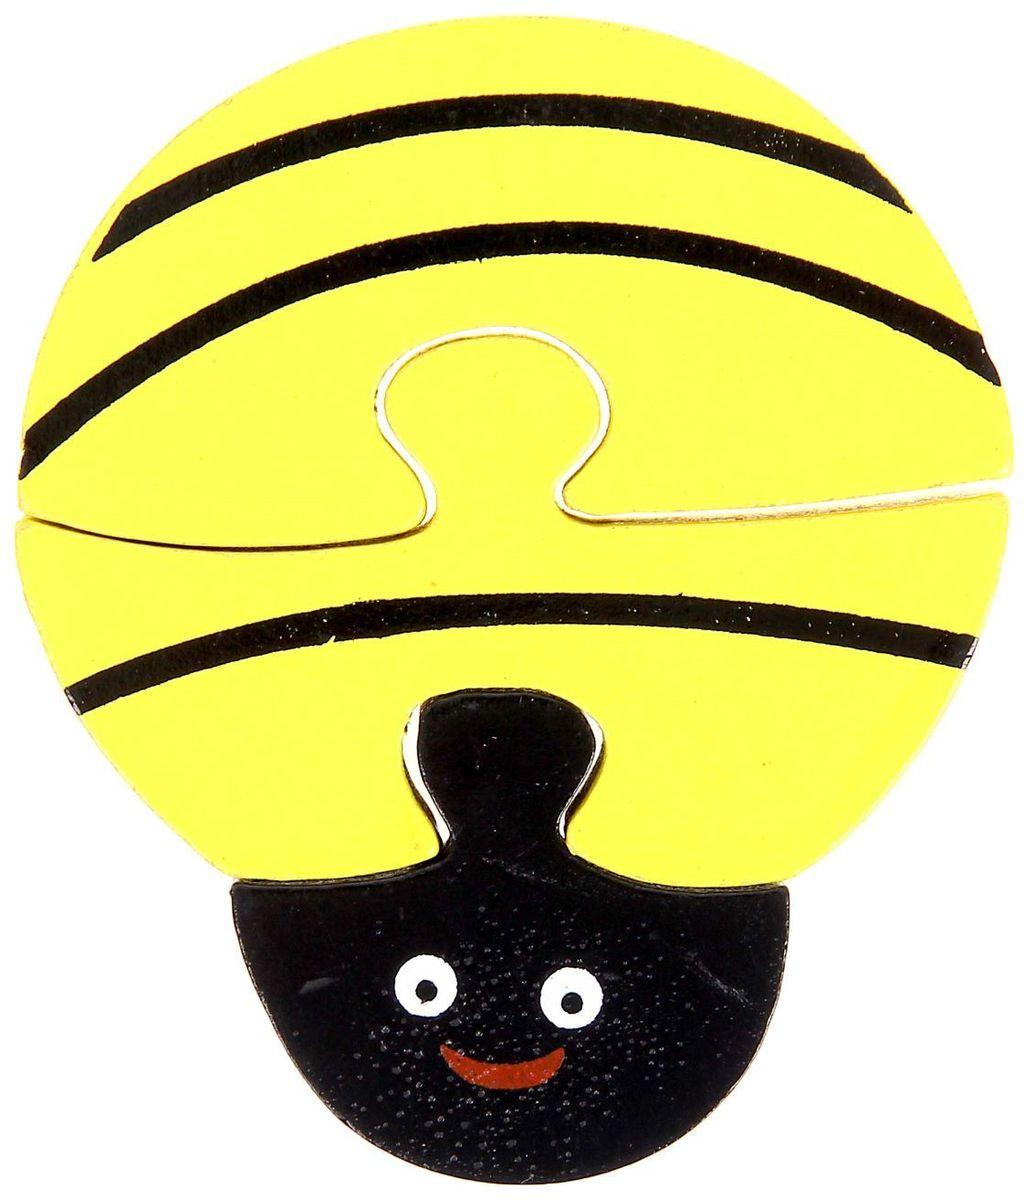 Лесная мастерская Пазл для малышей Пчелка 1160415 лесная мастерская пазл для малышей олень